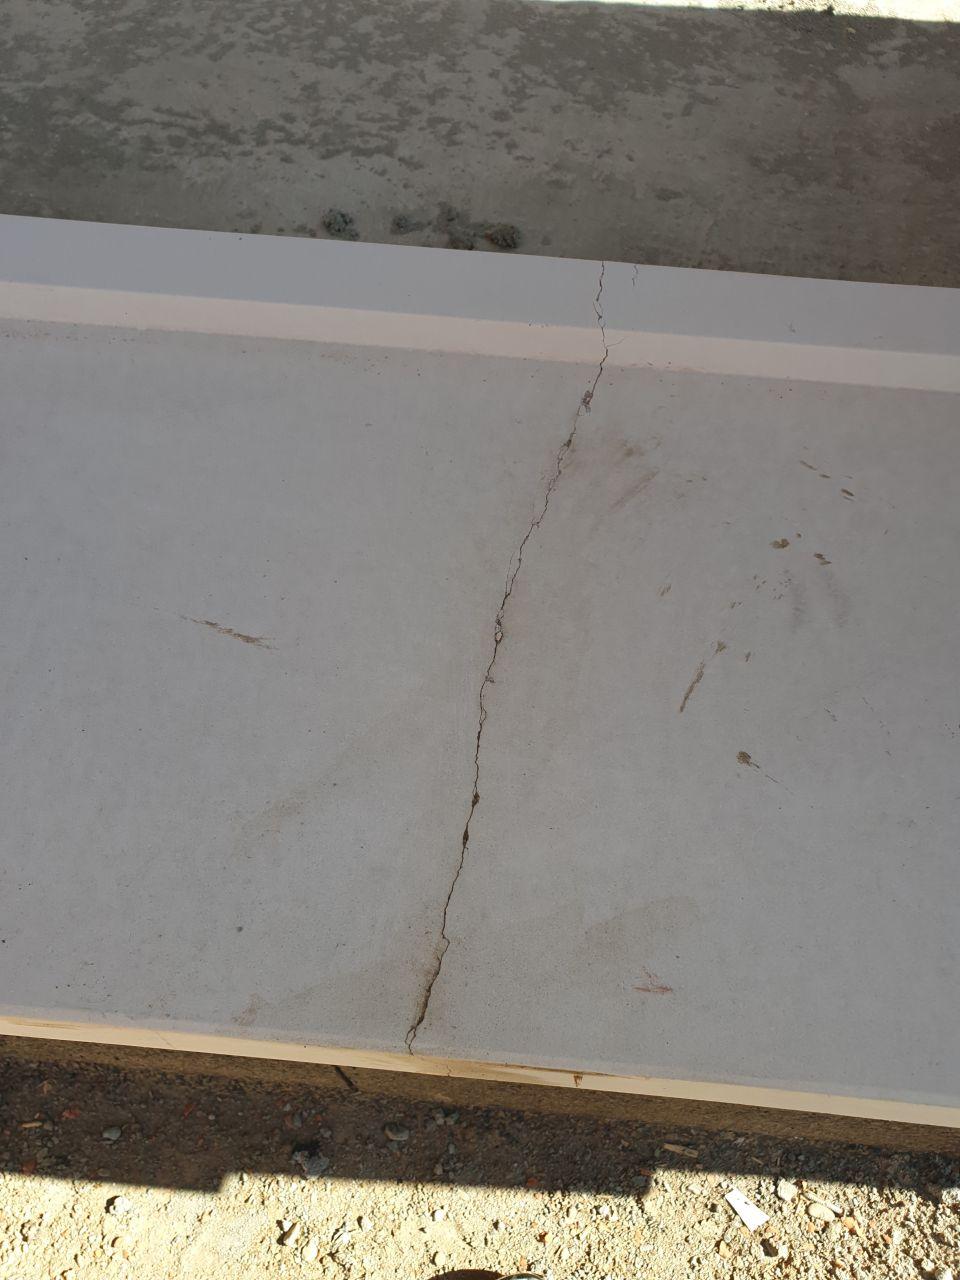 Un appui-fenêtre de la baie de 3m cassé. Nous avons demandé à le changer, nous sommes surpris qu'il ai été posé quand même ...